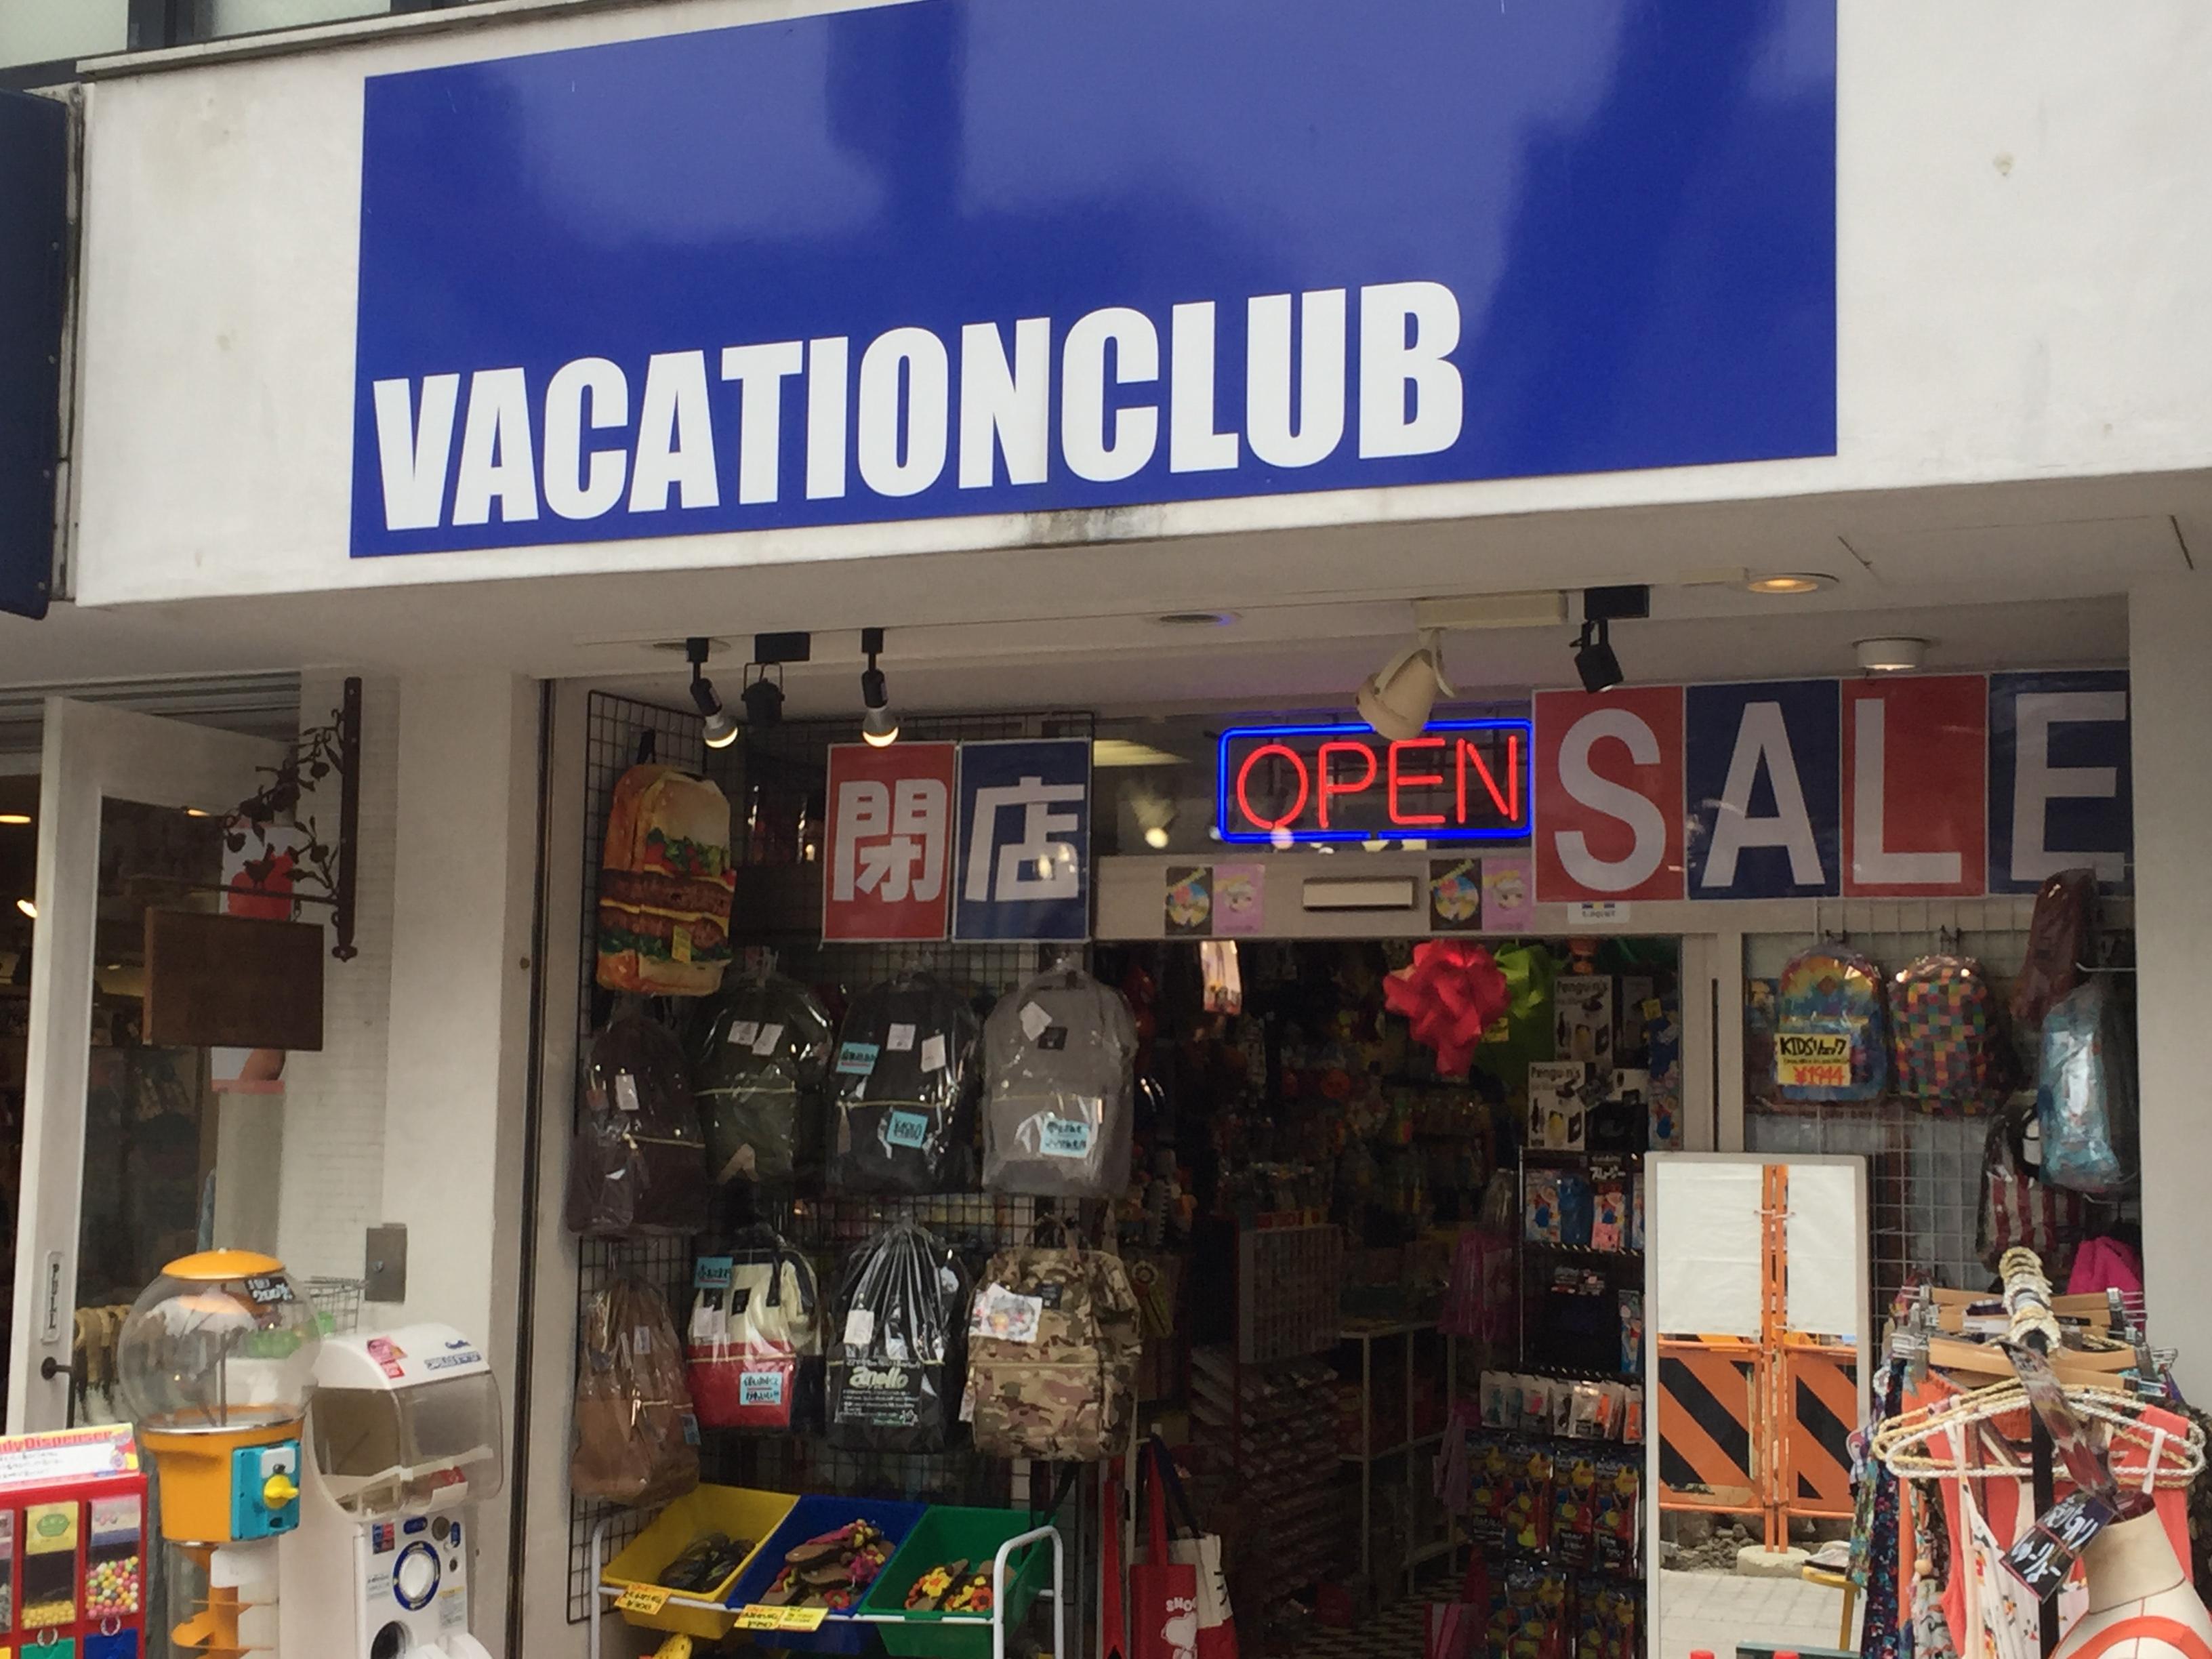 神戸・岡本にある雑貨店「VACATIONCLUB(ヴァケイションクラブ)が5月31日で閉店するよ【閉店のお知らせ】